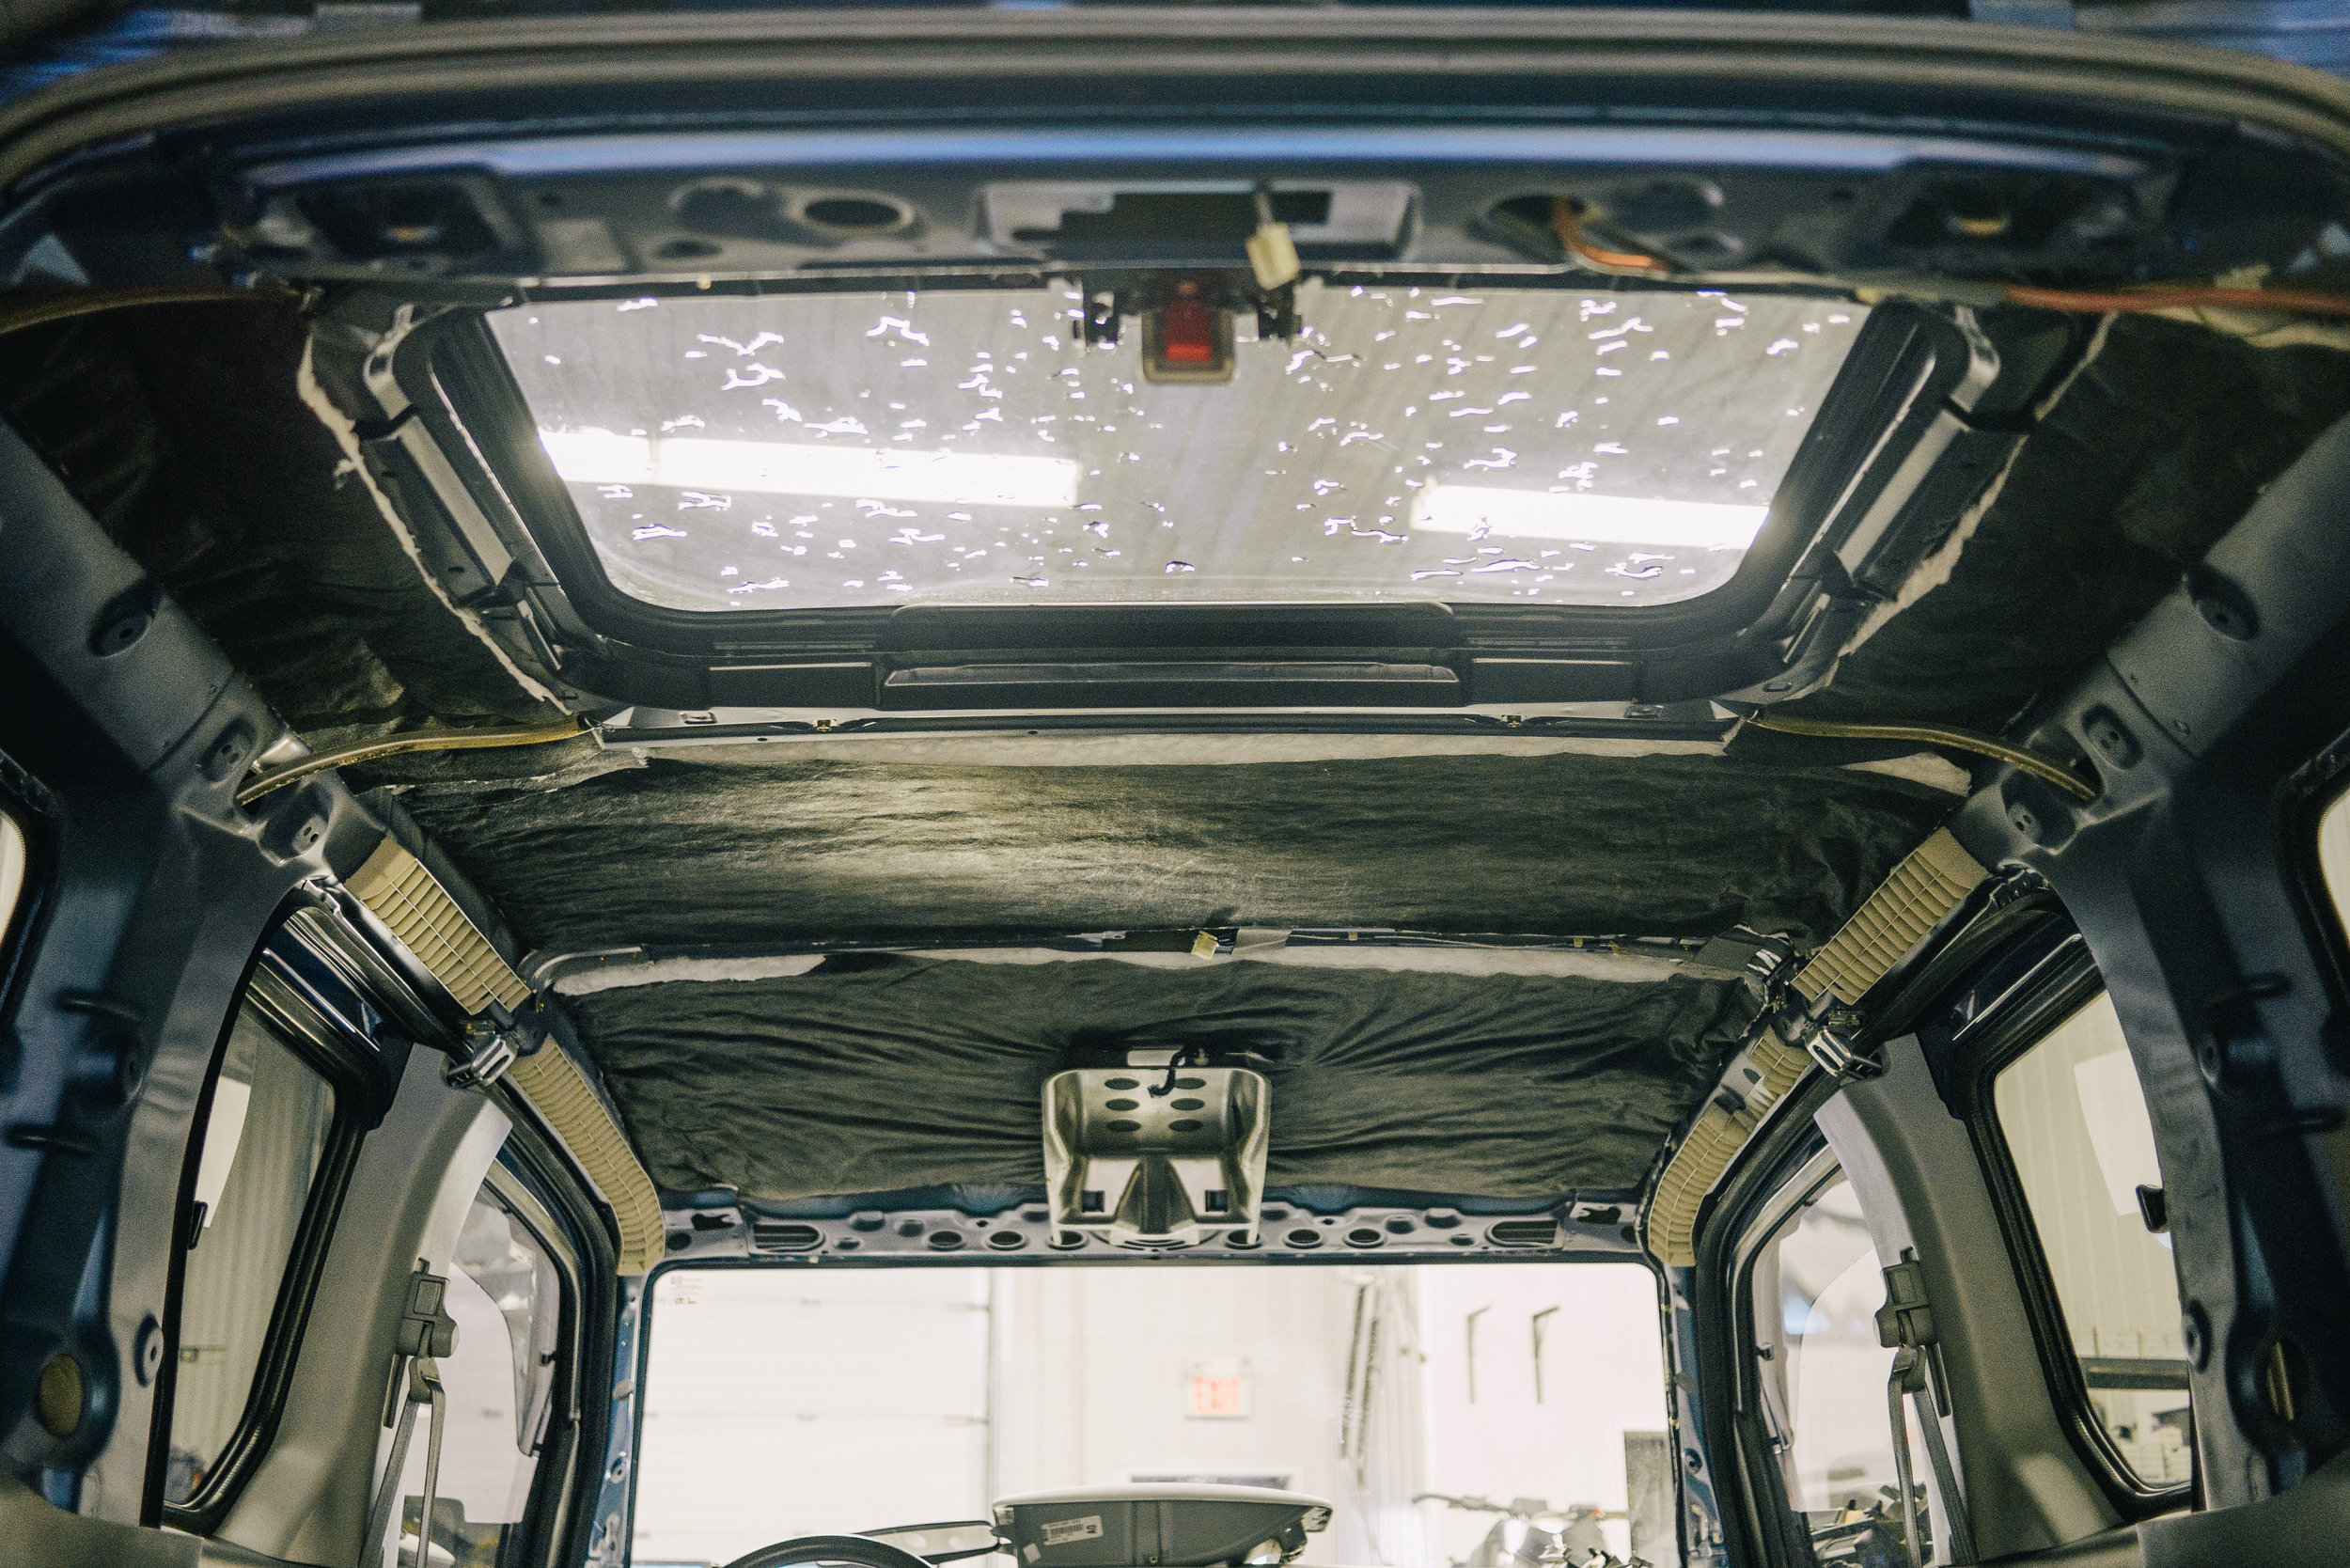 honda-element-thinsulate-insulation.jpg